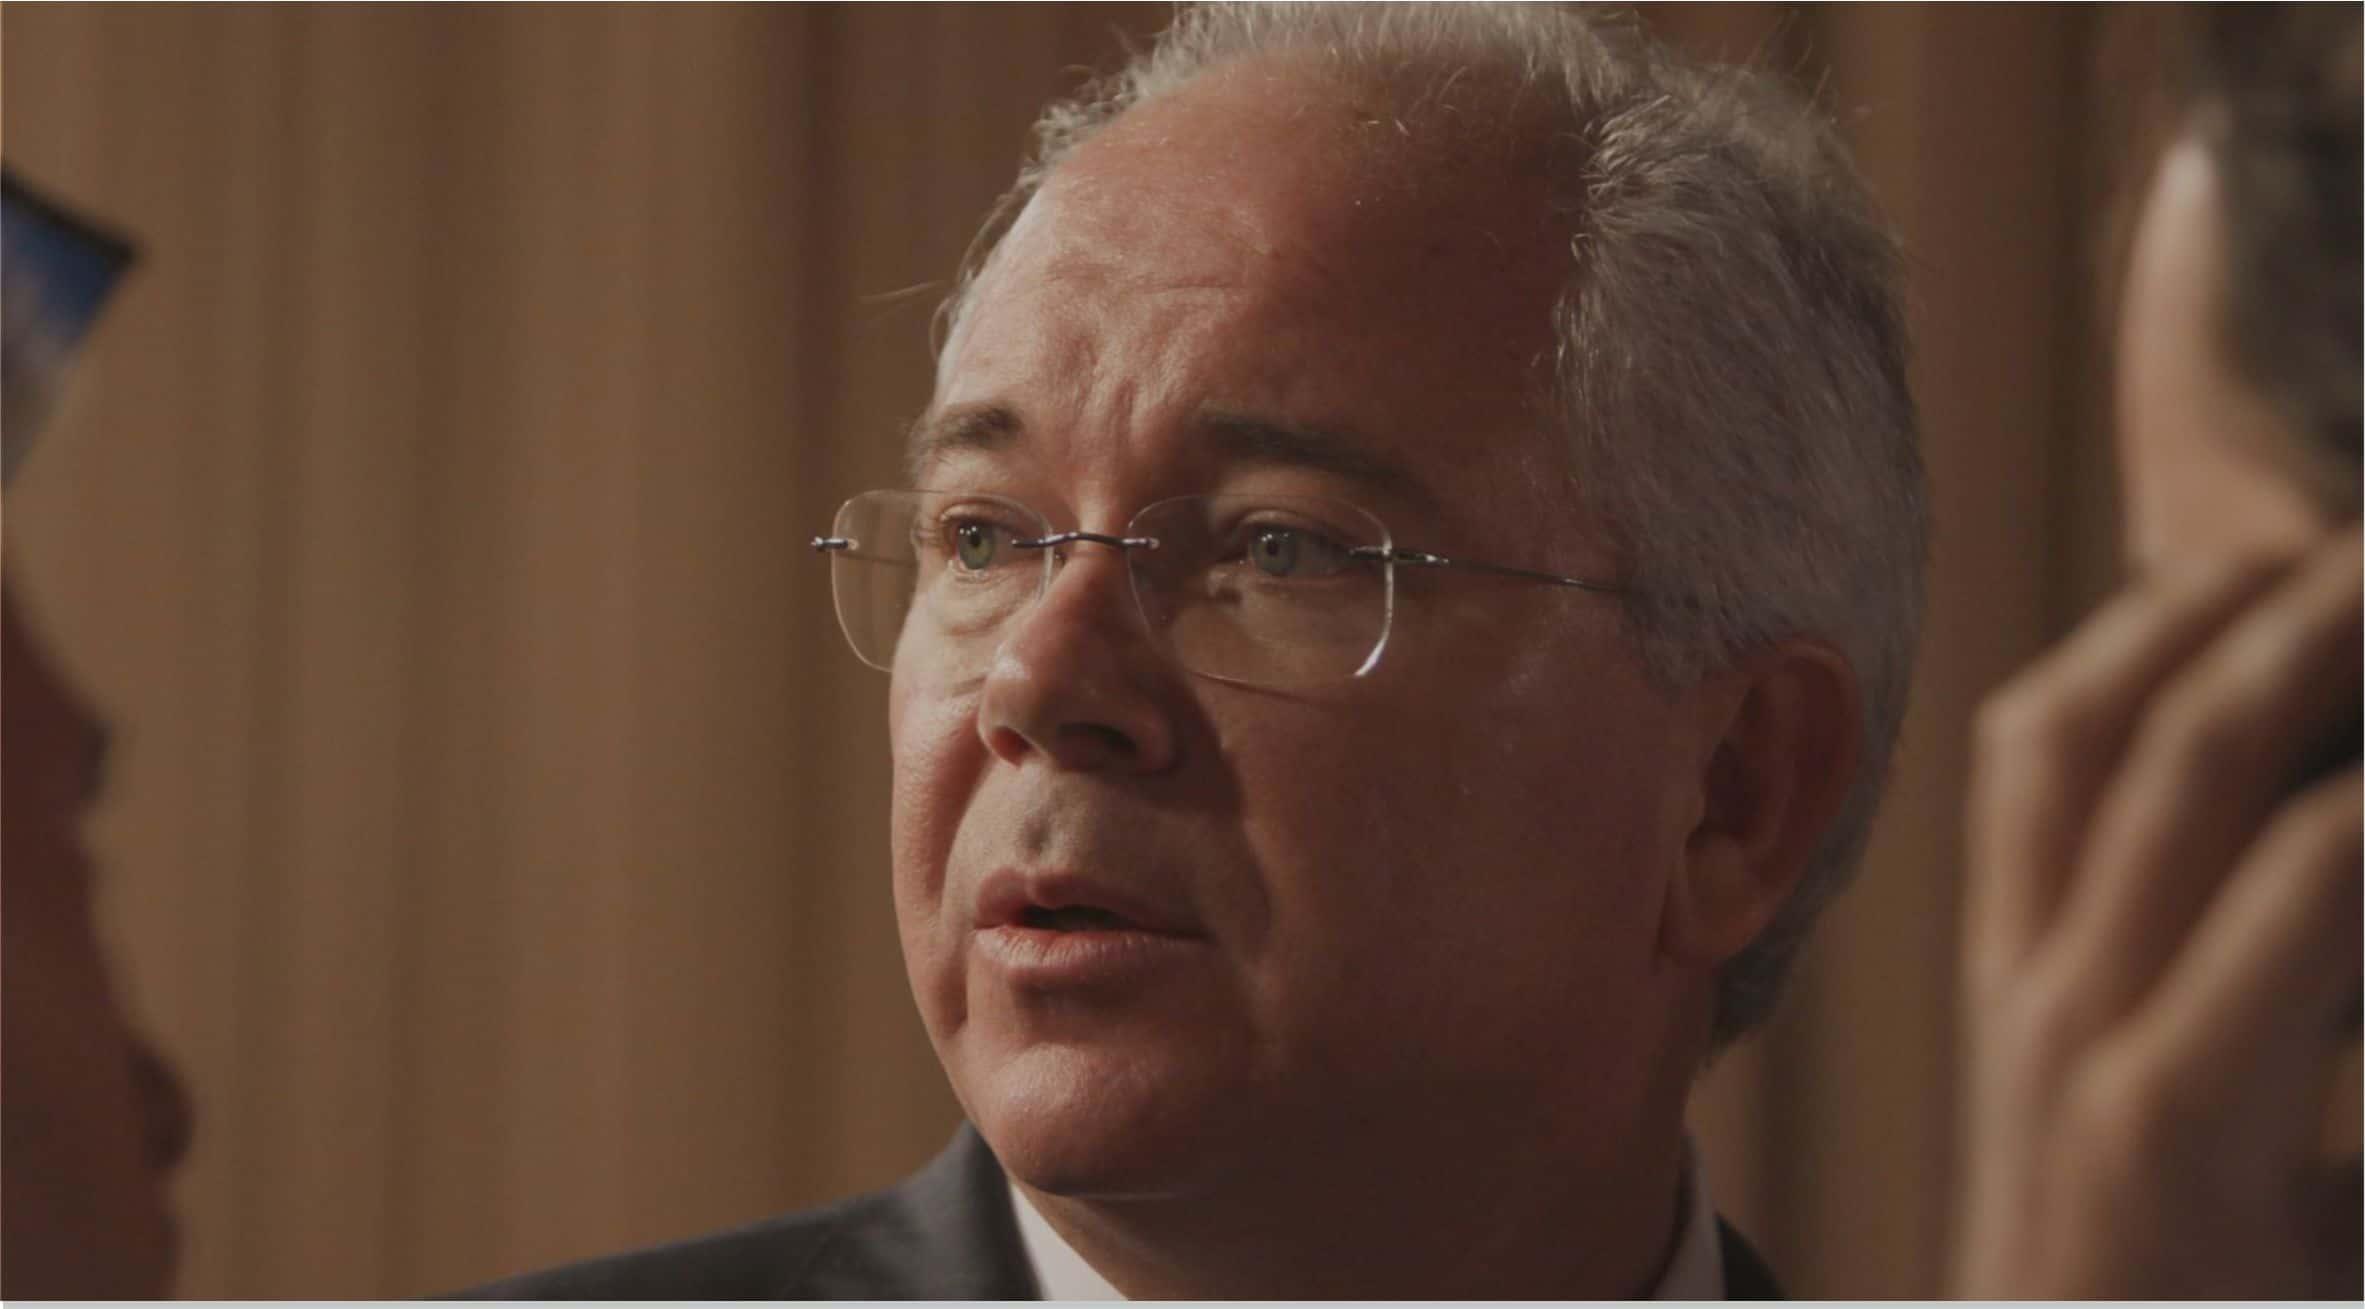 El exZar de PDVSA, Rafael Ramírez, siembra dudas sobre los hechos que envuelven al suicidio de su empleado de confianza Juan Carlos Márquez, que estaba siendo juzgado en España. / Foto: Rafael Ramírez